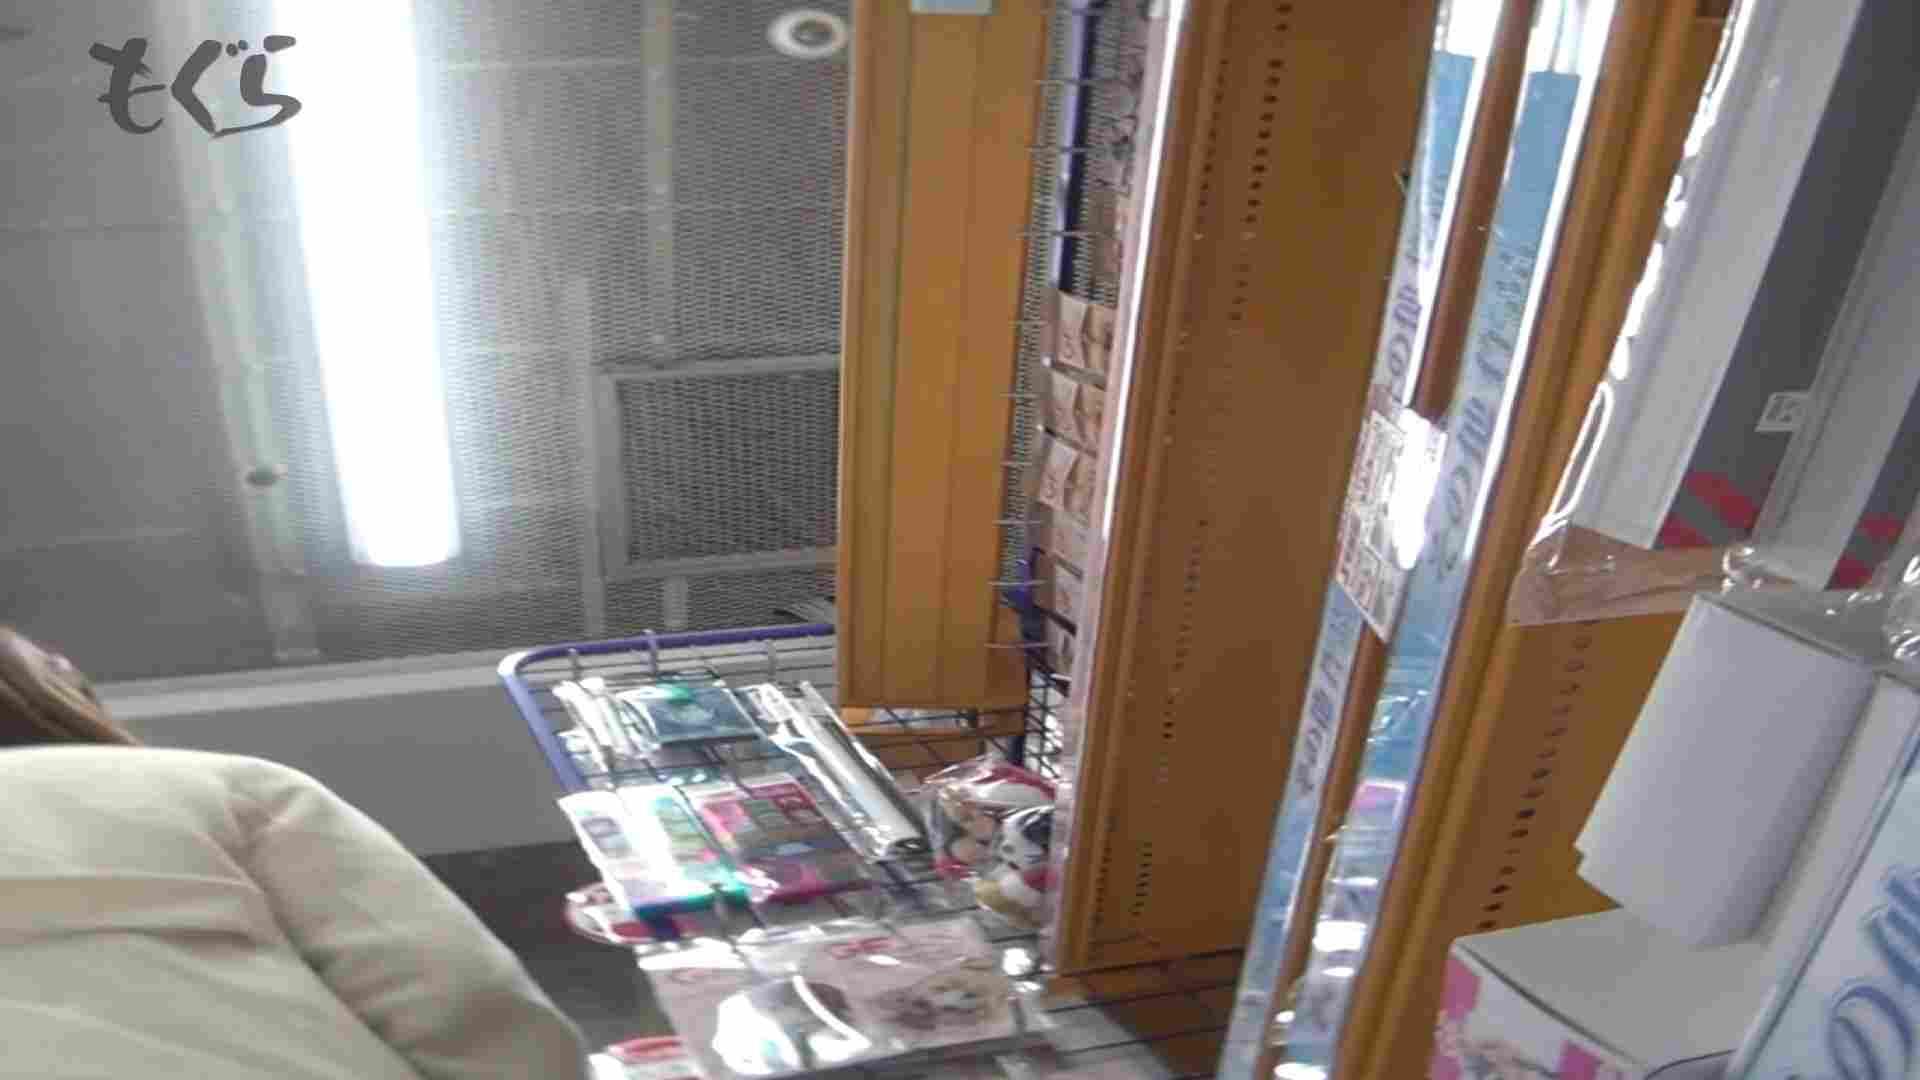 隣からNo27 清楚系お女市さん、買い物中は無防備です。 おまんこ無修正  62pic 51